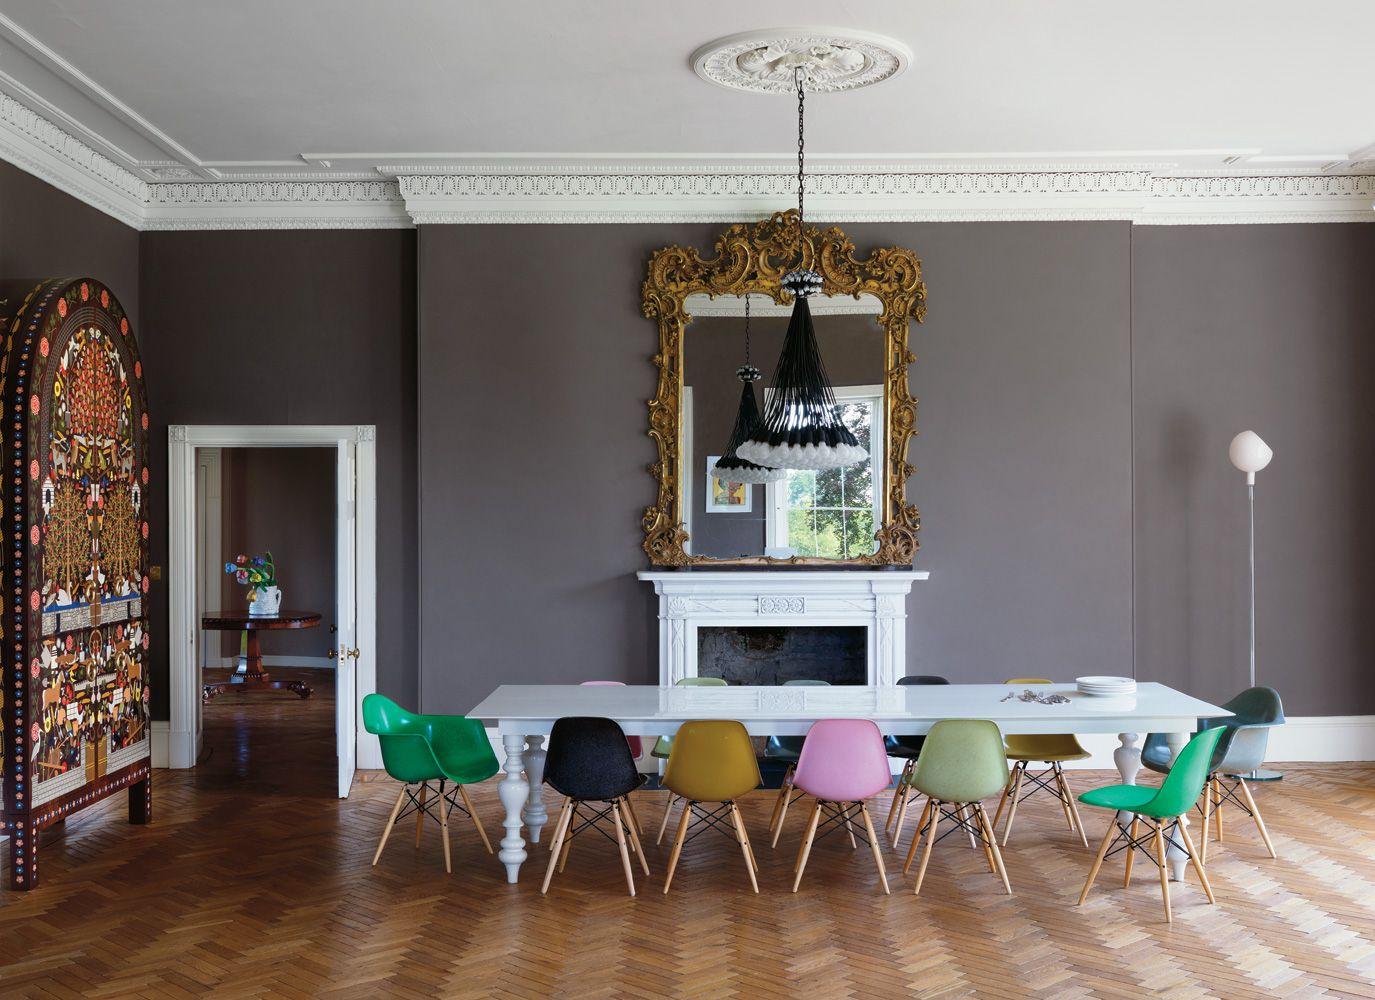 Sedie Charles Eames: Storia e dove comprare le repliche delle sedie ...